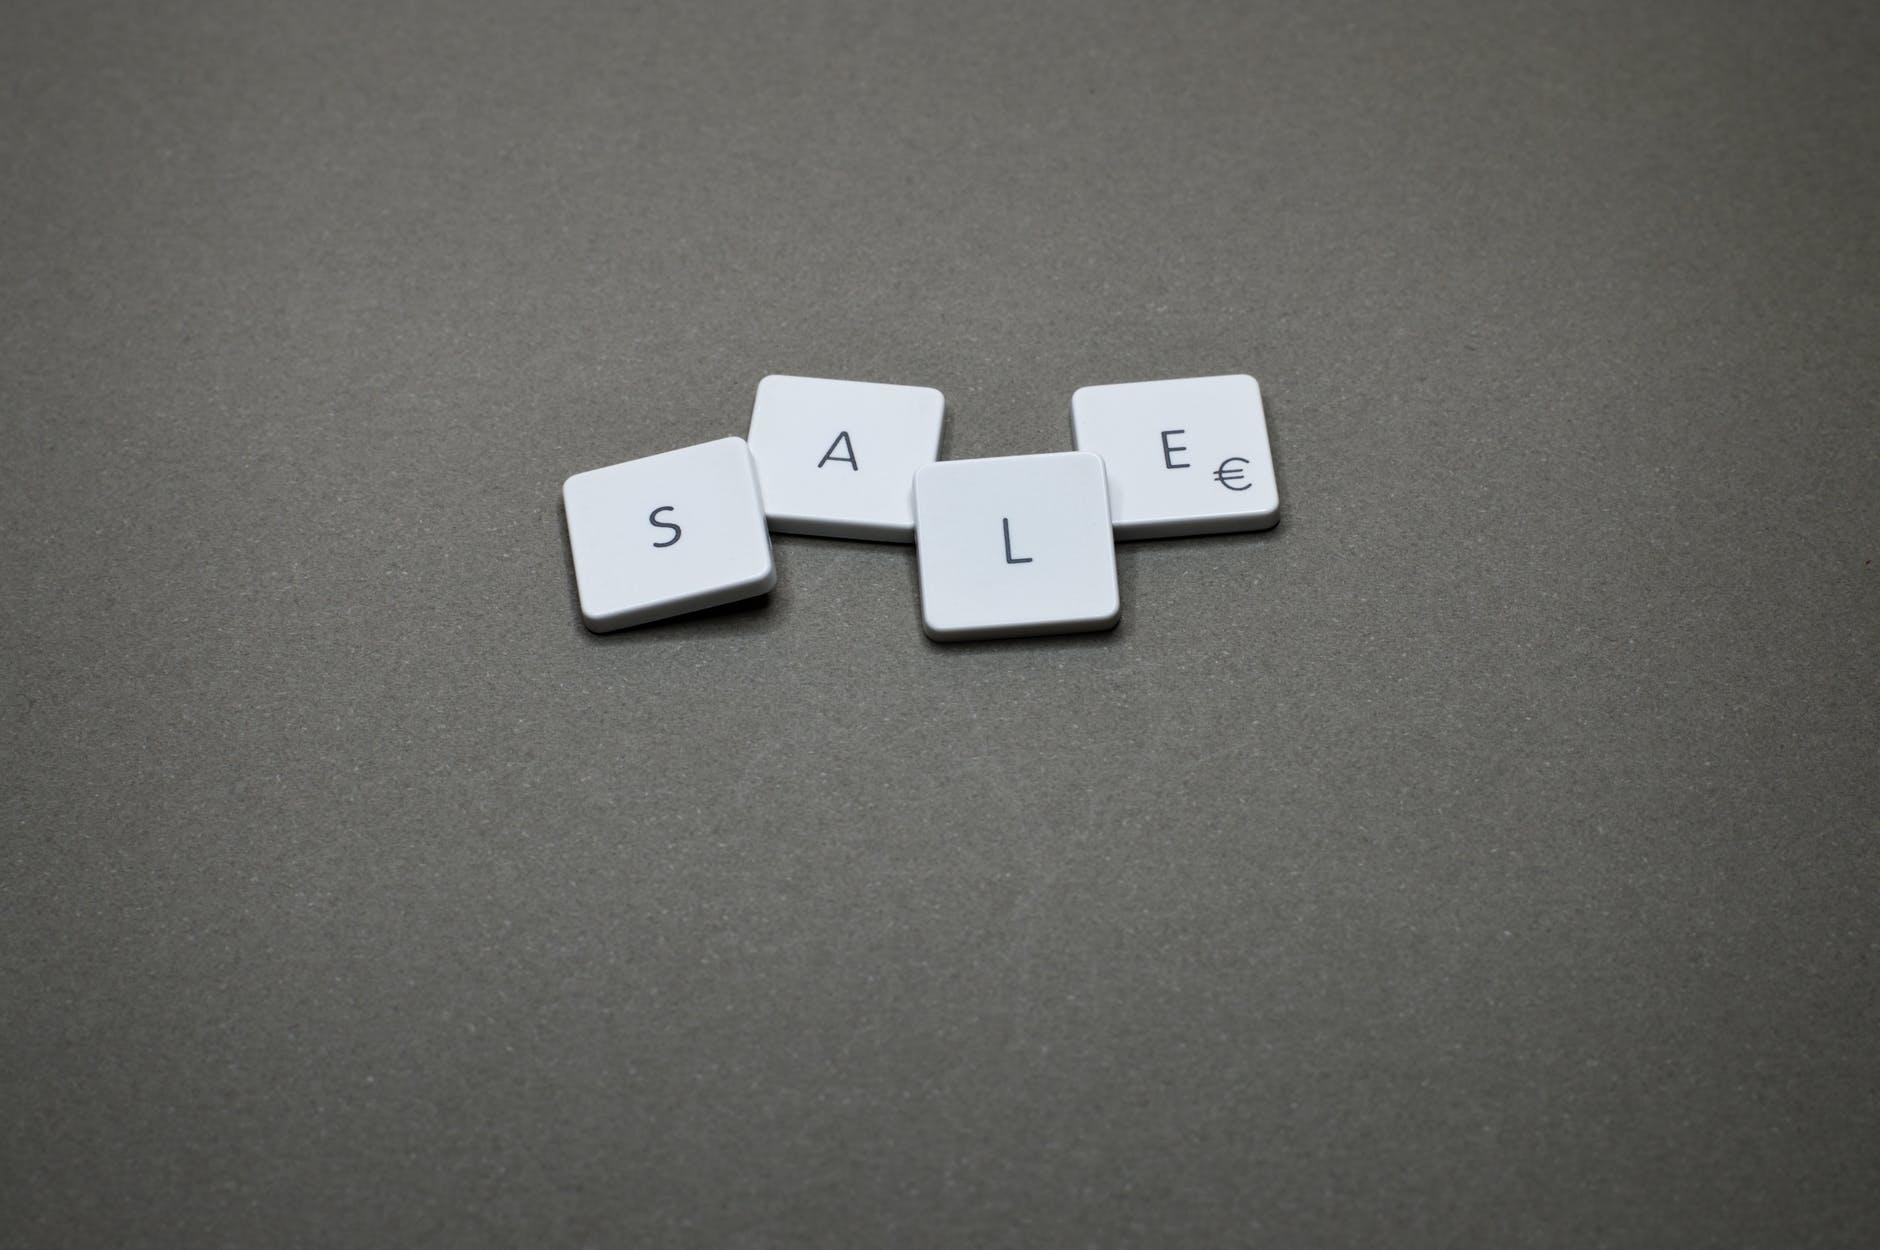 Lettres d'un clavier